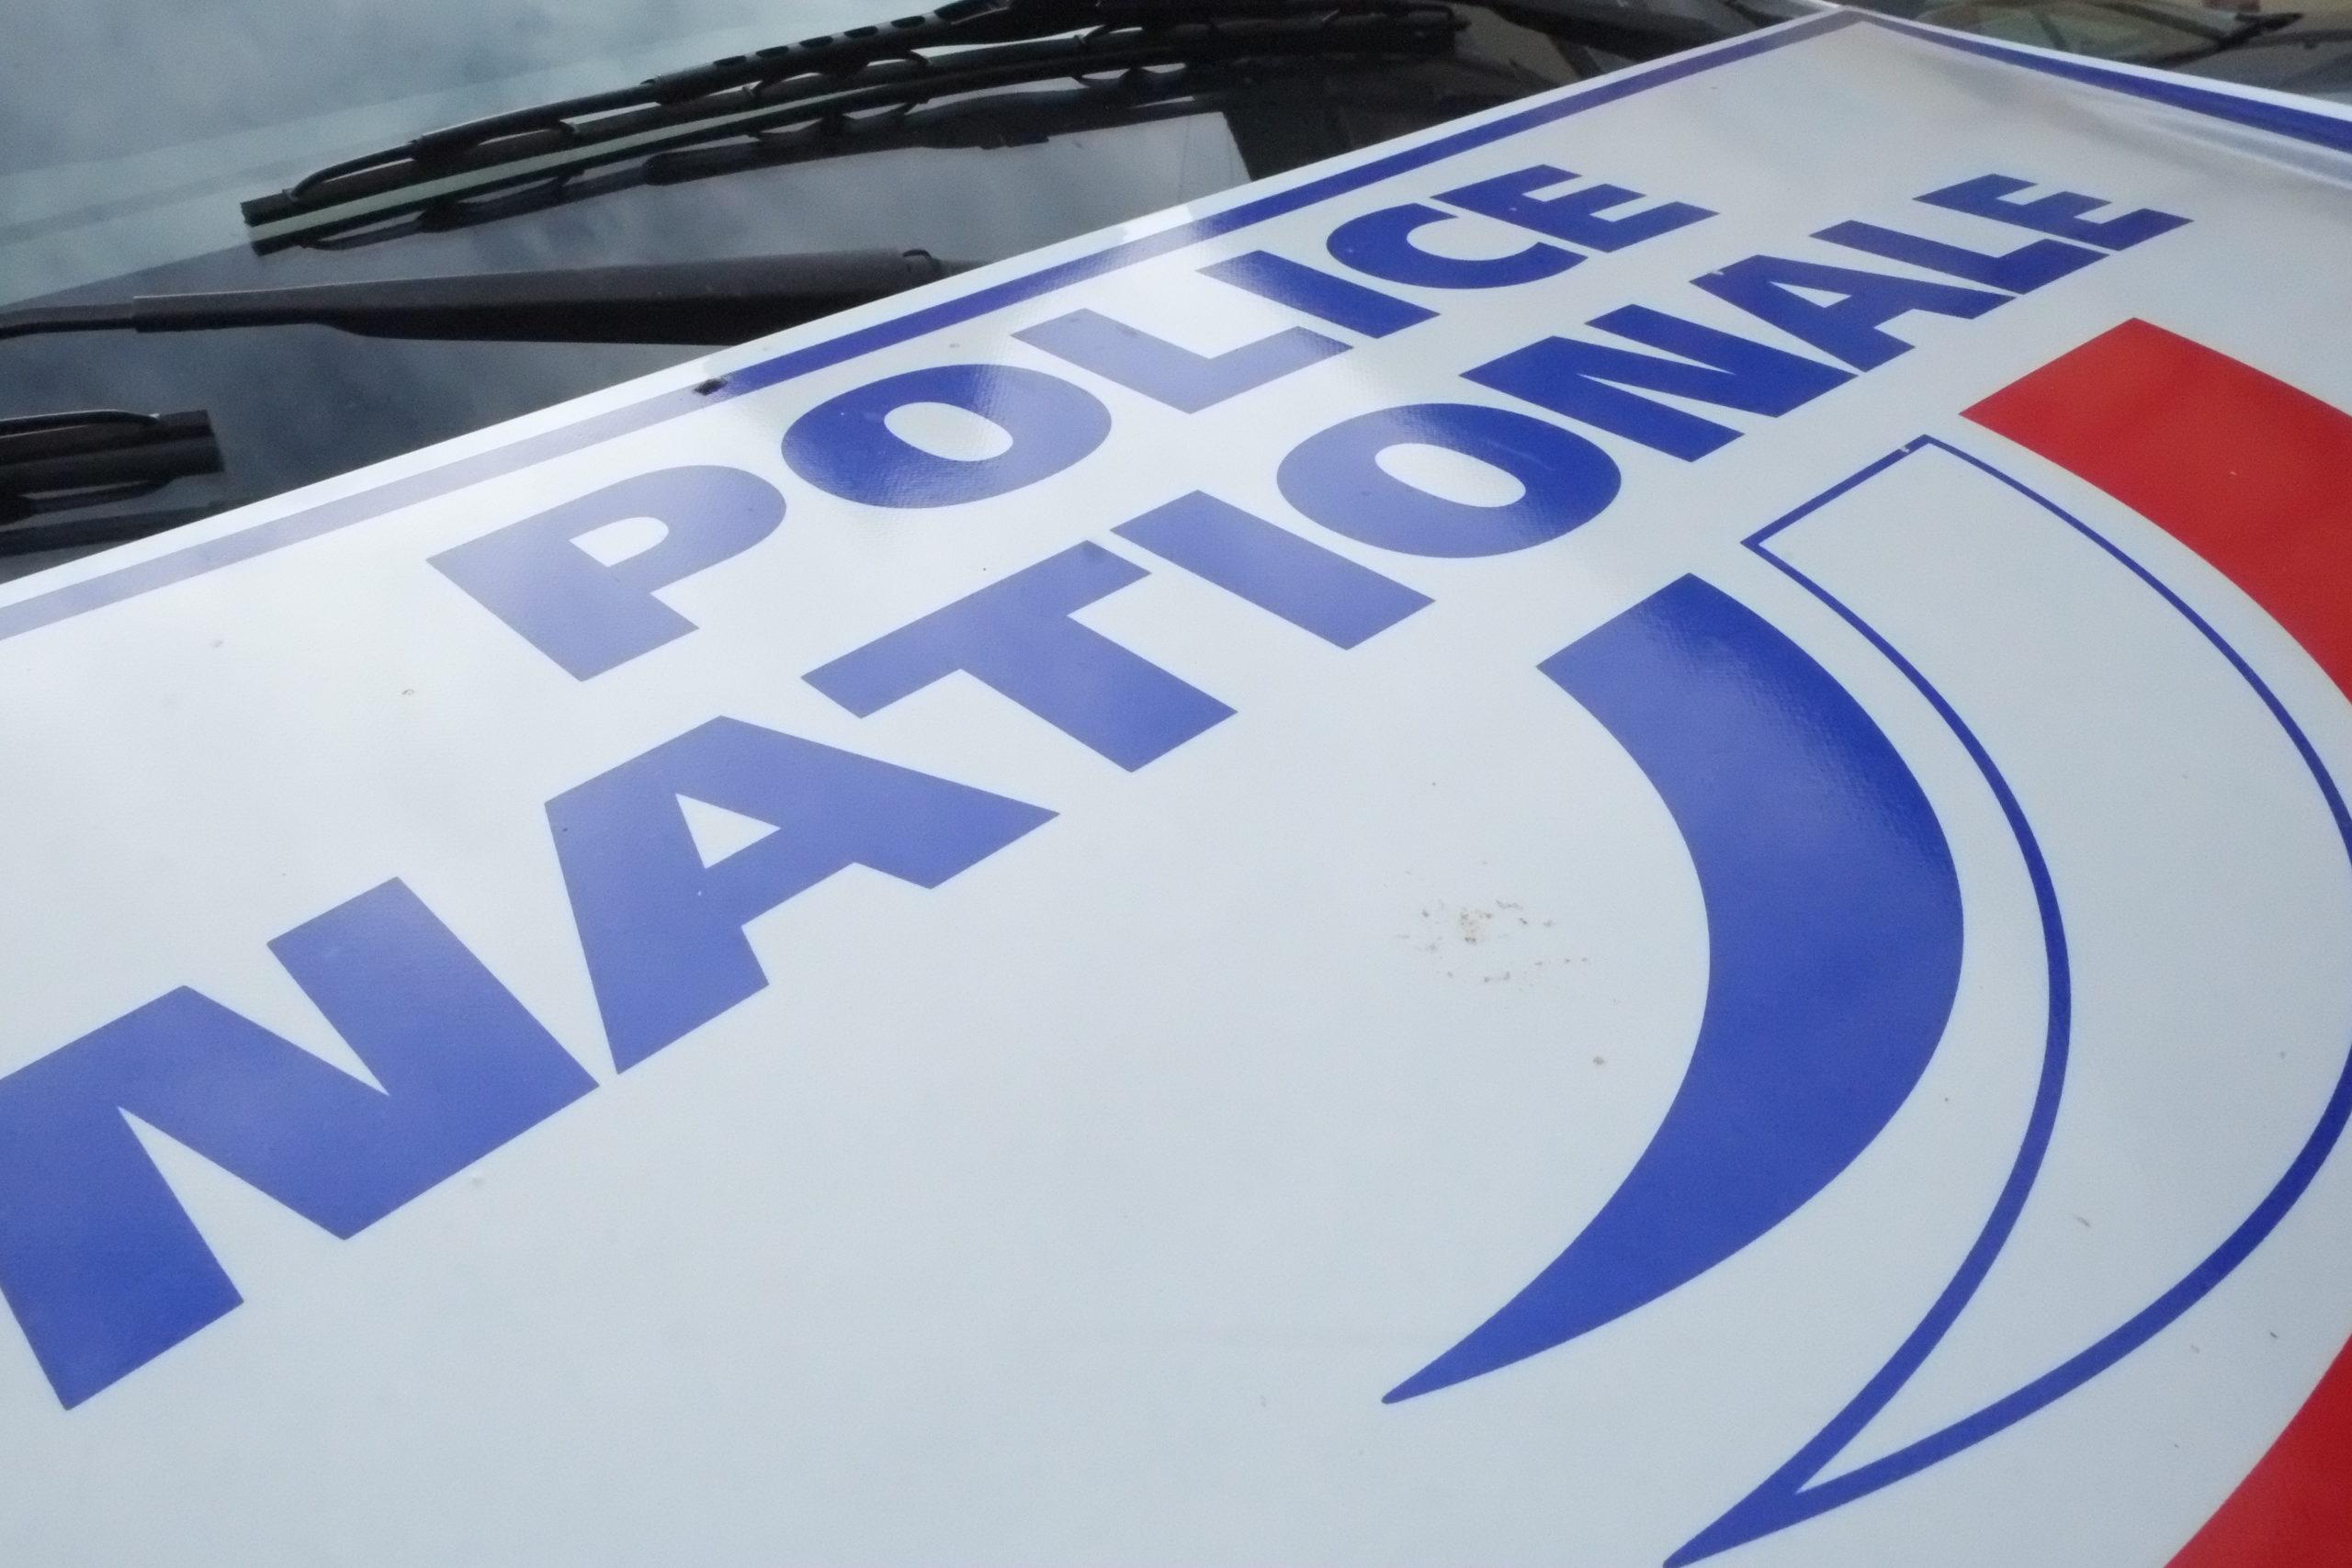 Un jeune homme de 23 ans a été mis en examen et écroué jeudi à Besançon après avoir vendu de l'héroïne particulièrement pure à une femme de 48 ans décédée d'une overdose, a annoncé lundi le procureur de Besançon.